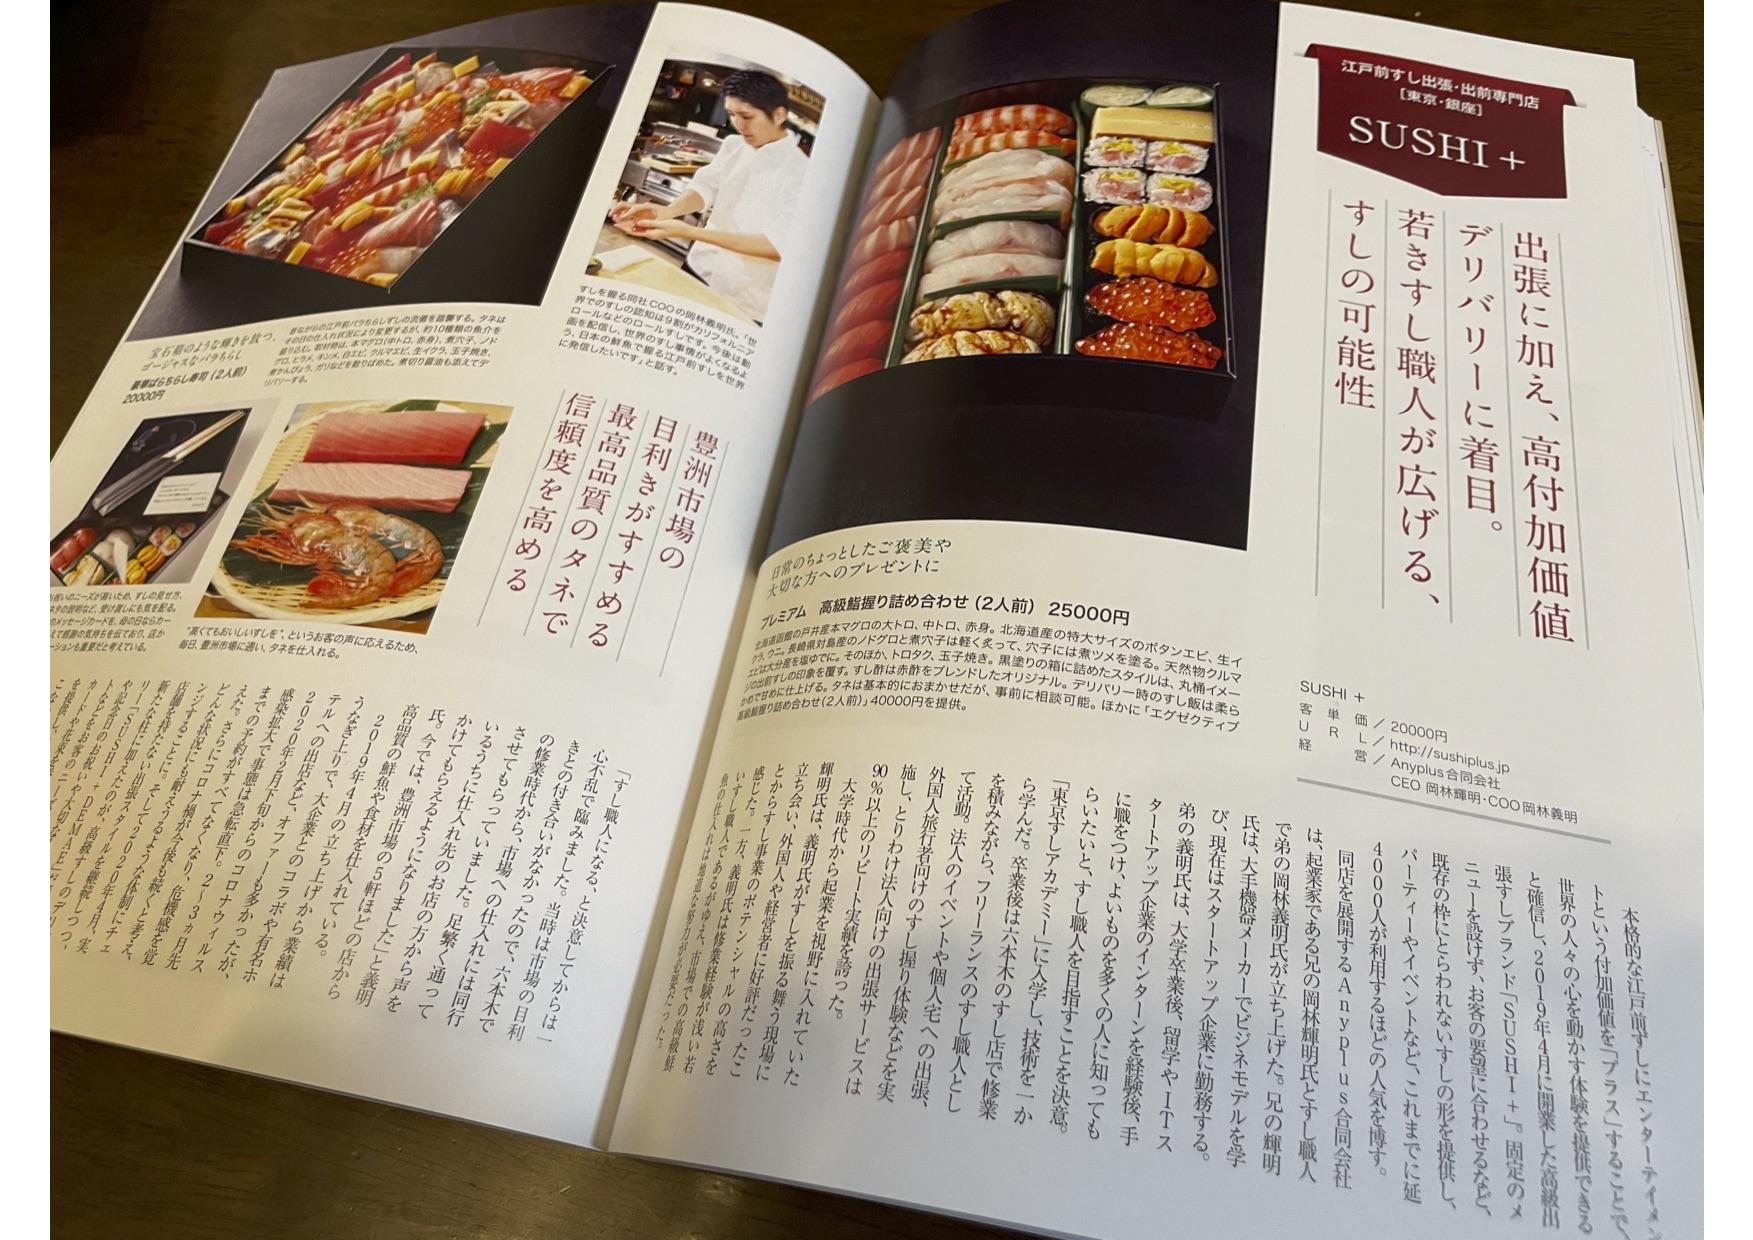 SUSHI+, 雑誌掲載